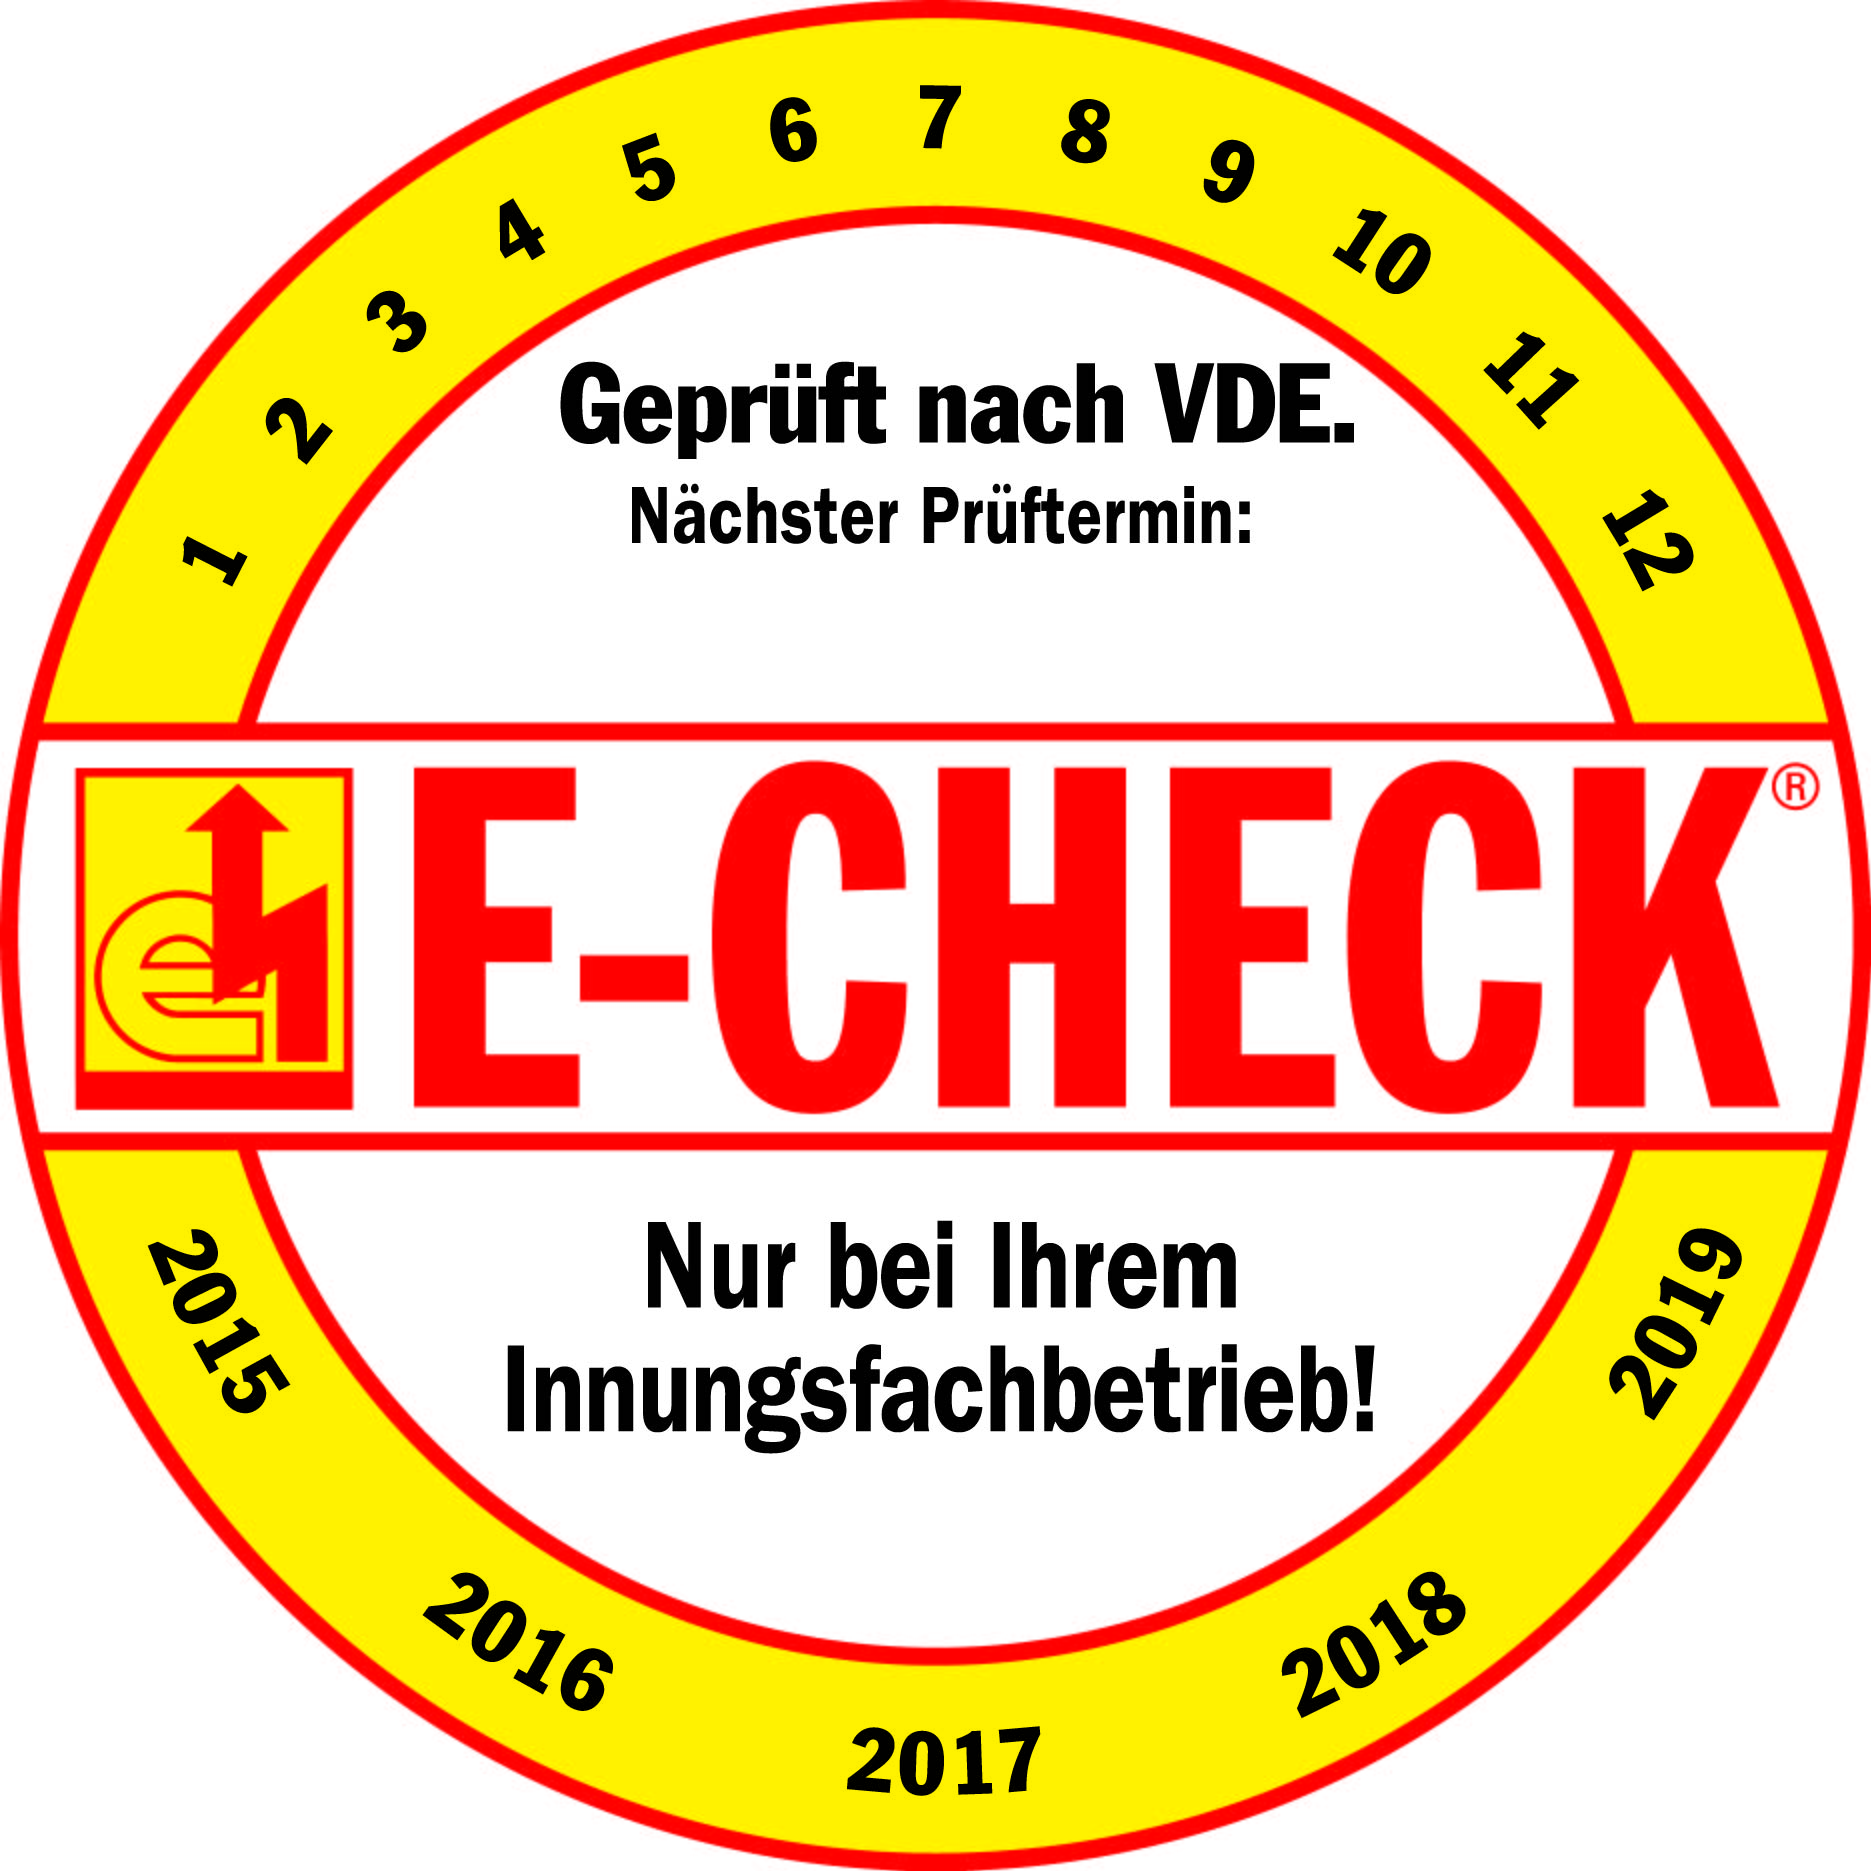 E-check_logo